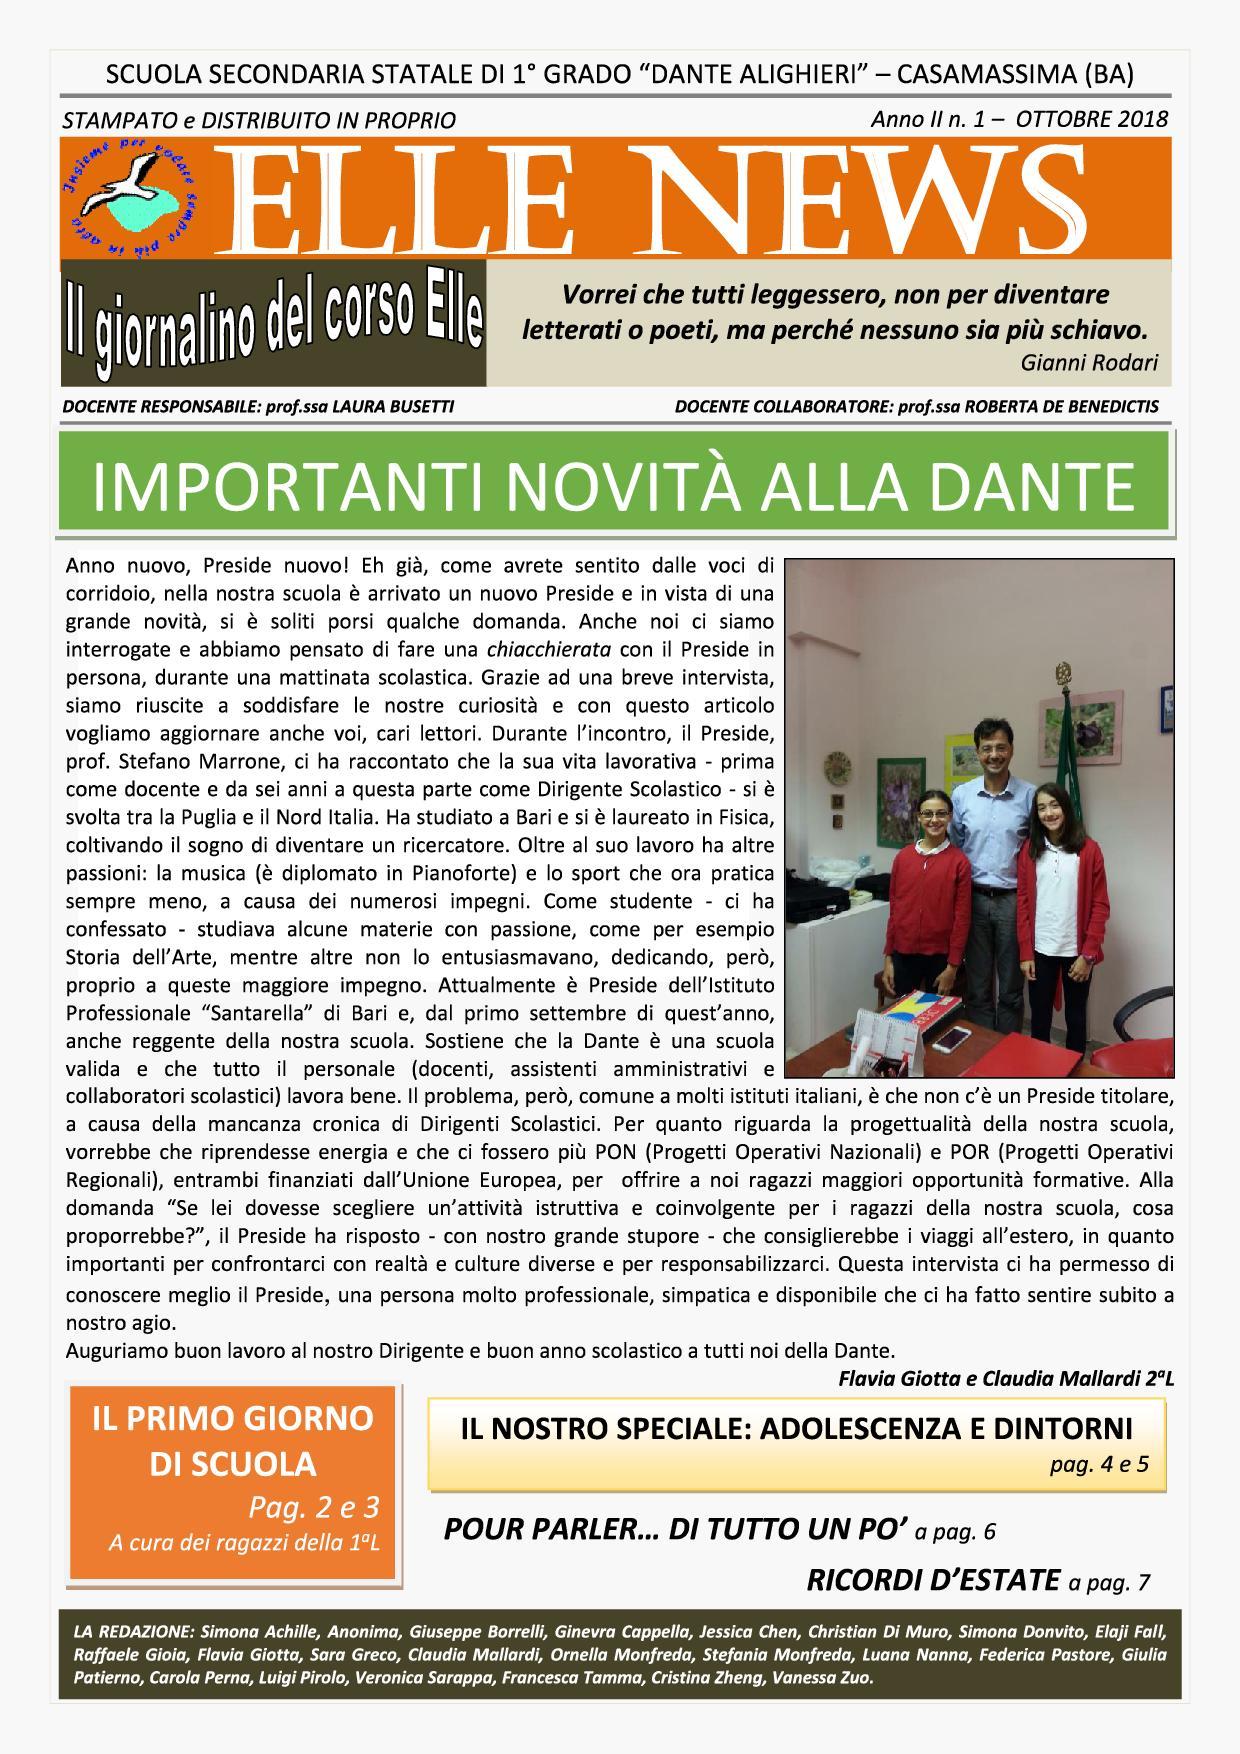 Elle News II annualità n. 1 (1)1